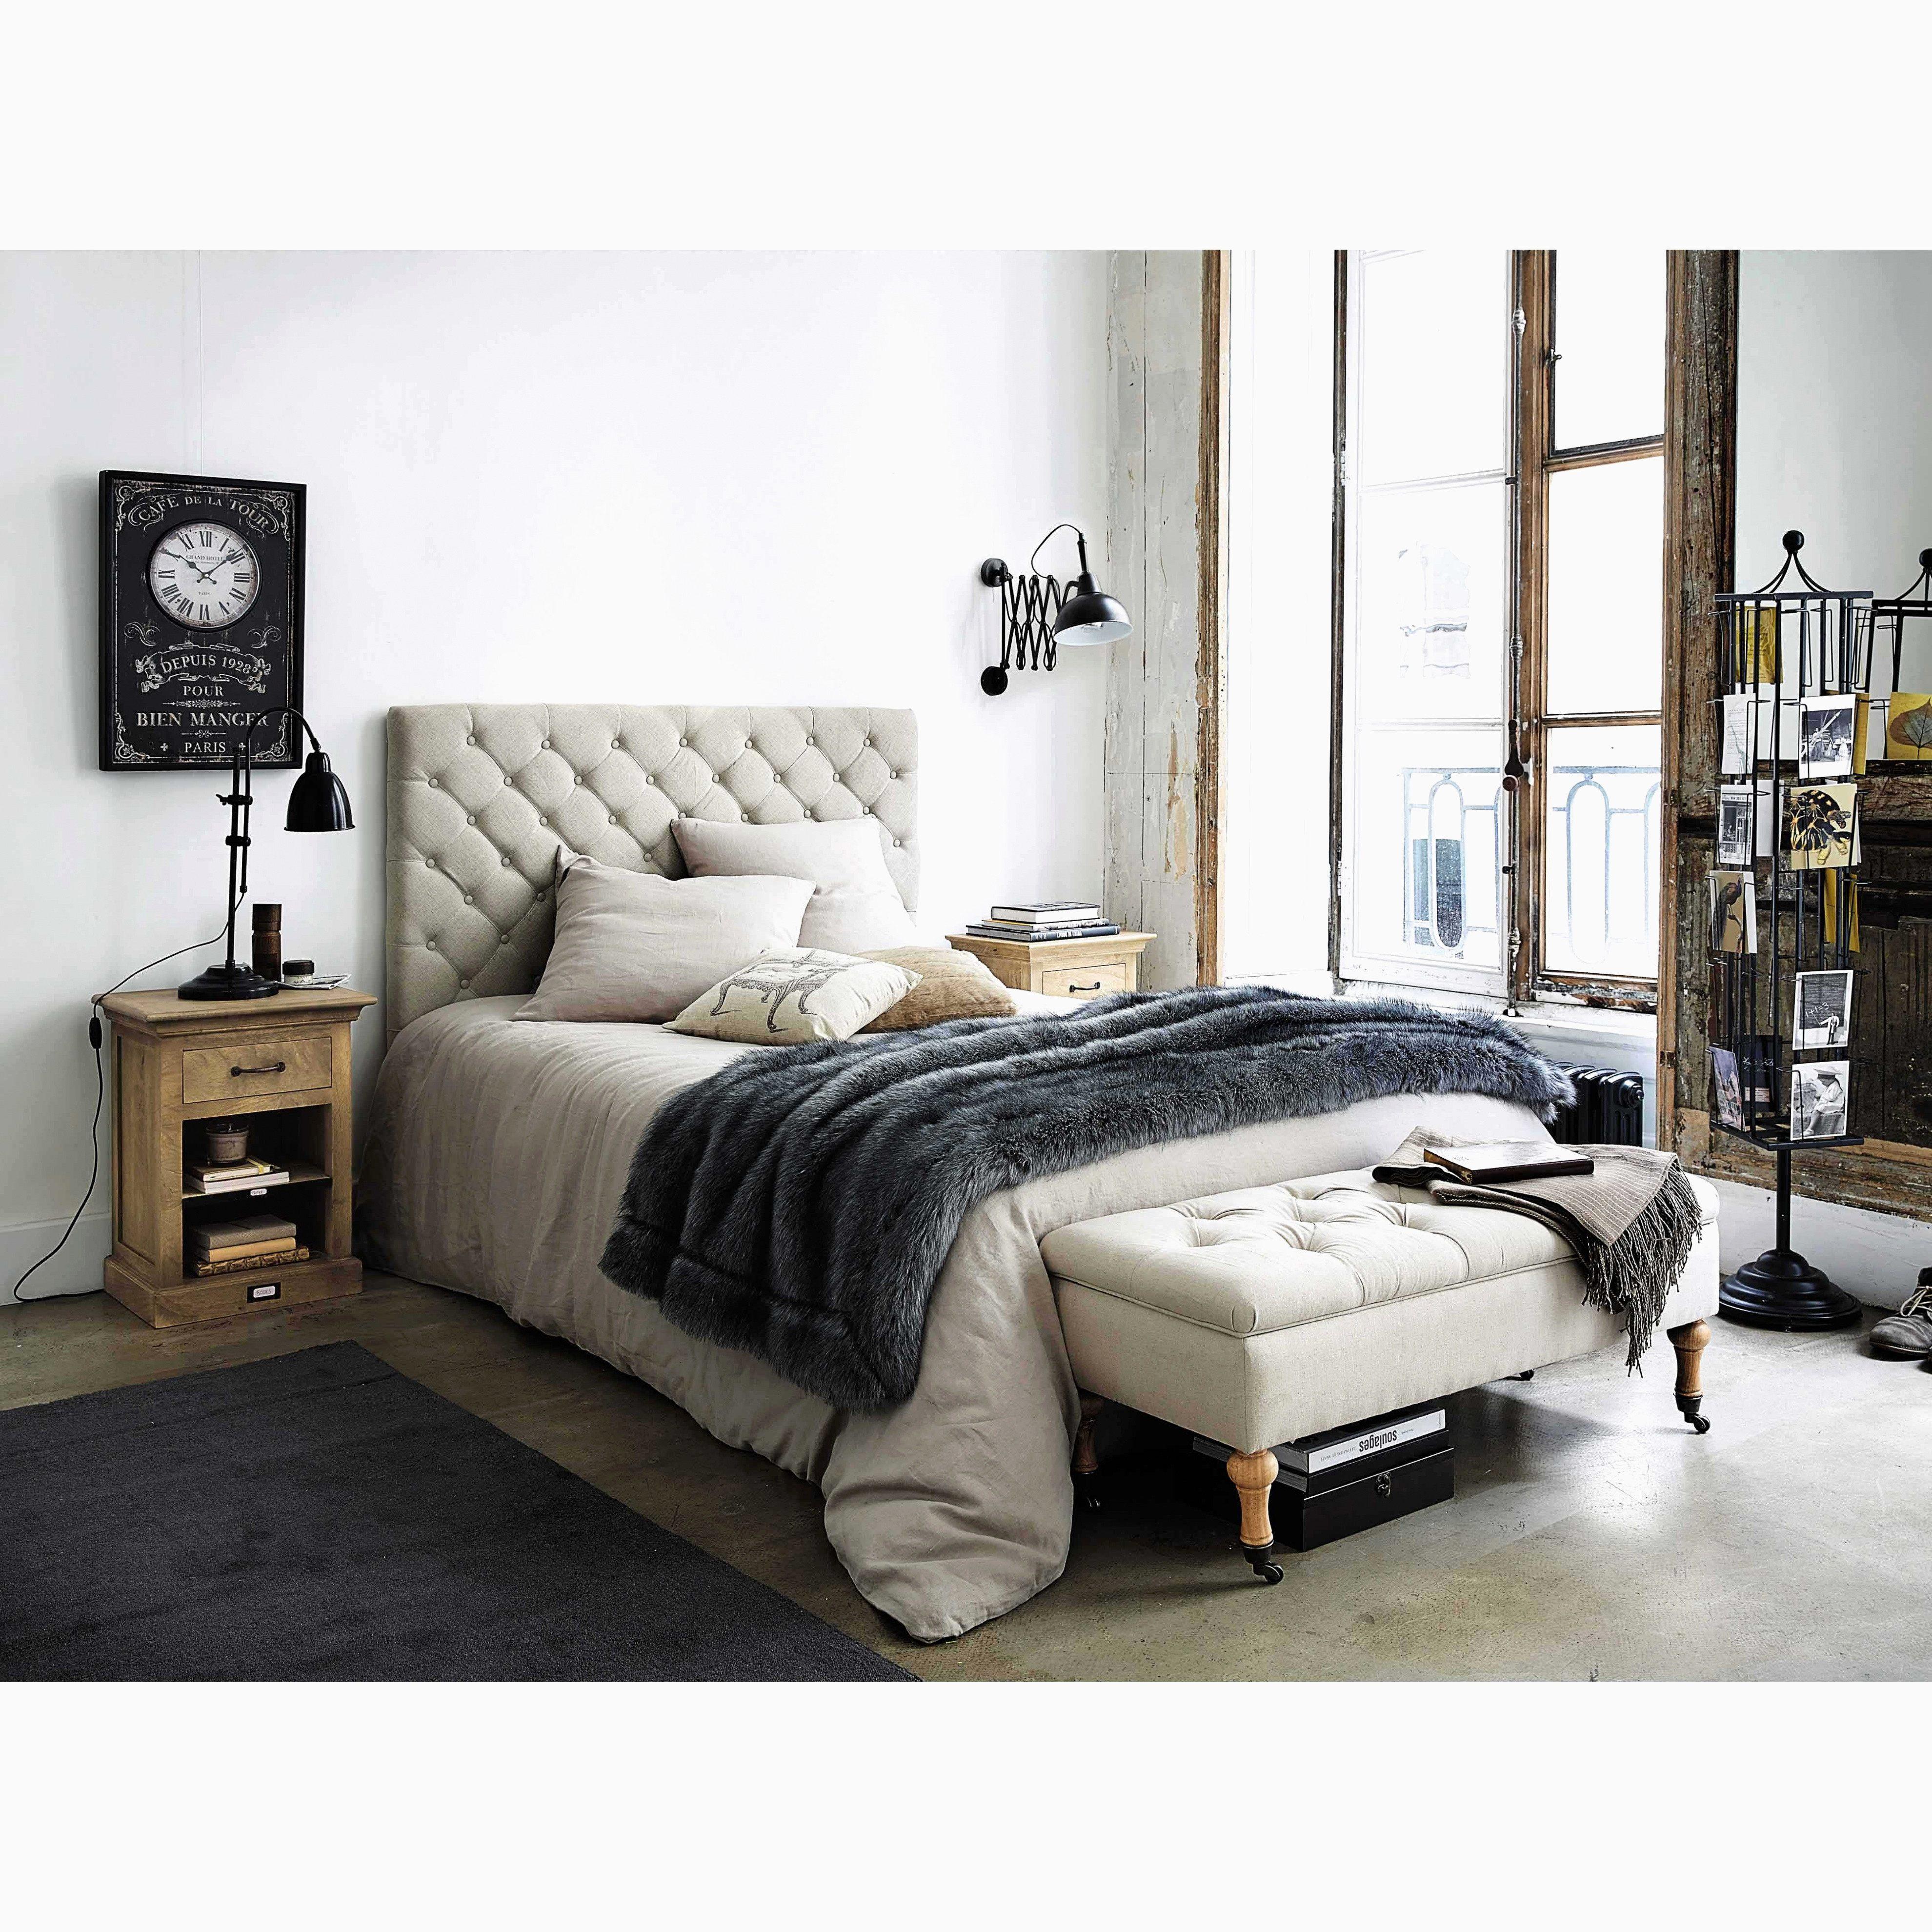 Lit 180 Ikea Magnifique Tete De Lit 90 Cm Tete De Lit Ikea 180 Fauteuil Salon Ikea Fresh